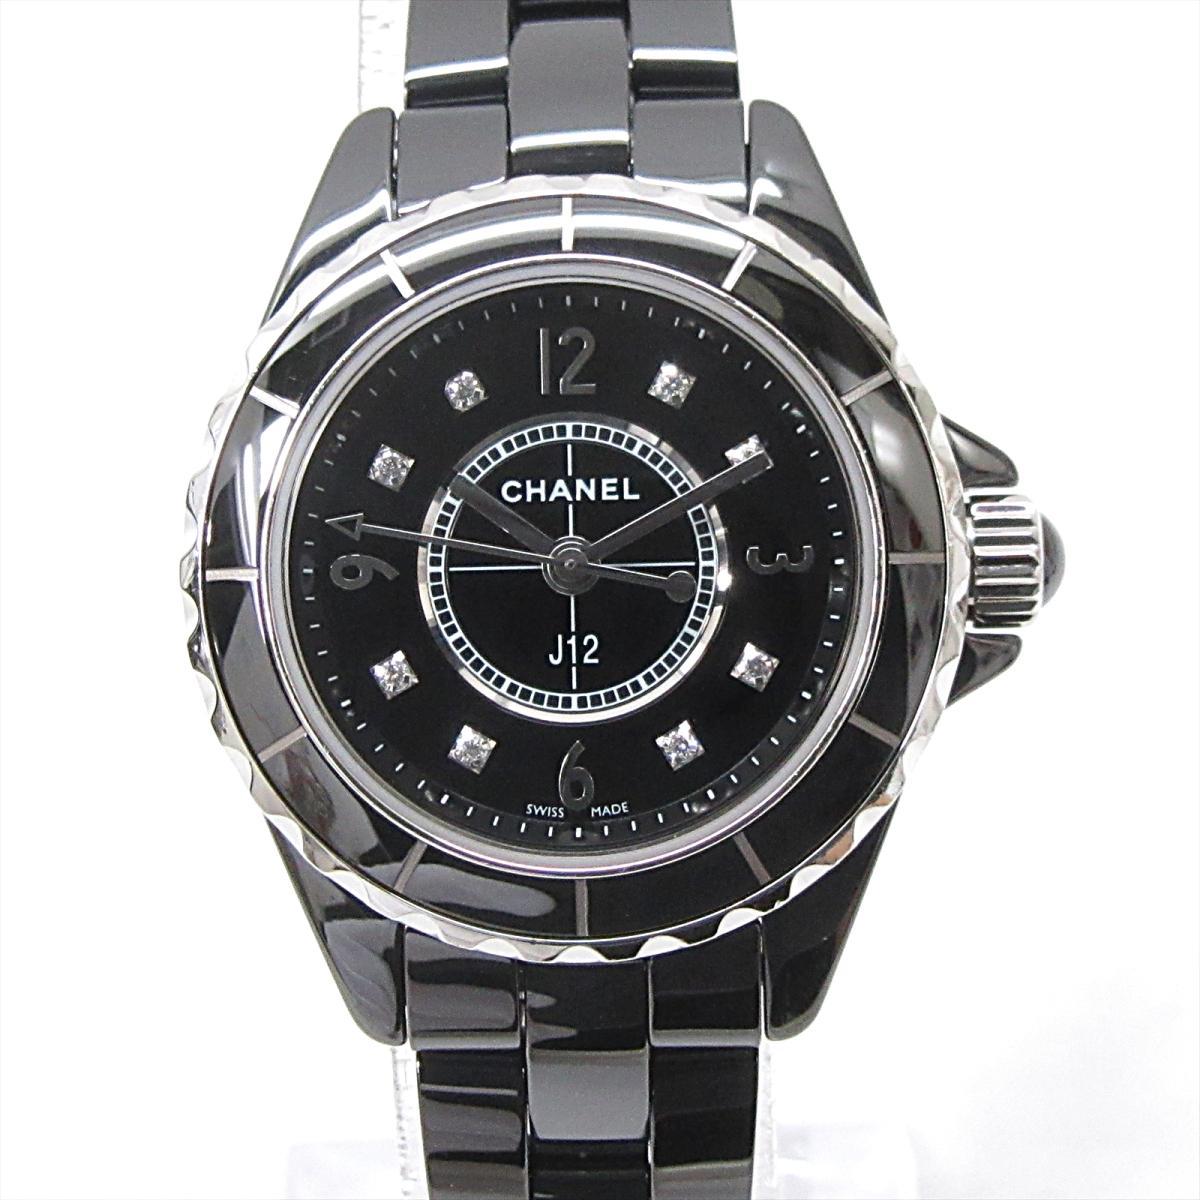 【中古】シャネル J12 腕時計 ウォッチ レディース セラミック x ダイヤモンド (8P) (H2569)   CHANEL BRANDOFF ブランドオフ ブランド ブランド時計 ブランド腕時計 時計